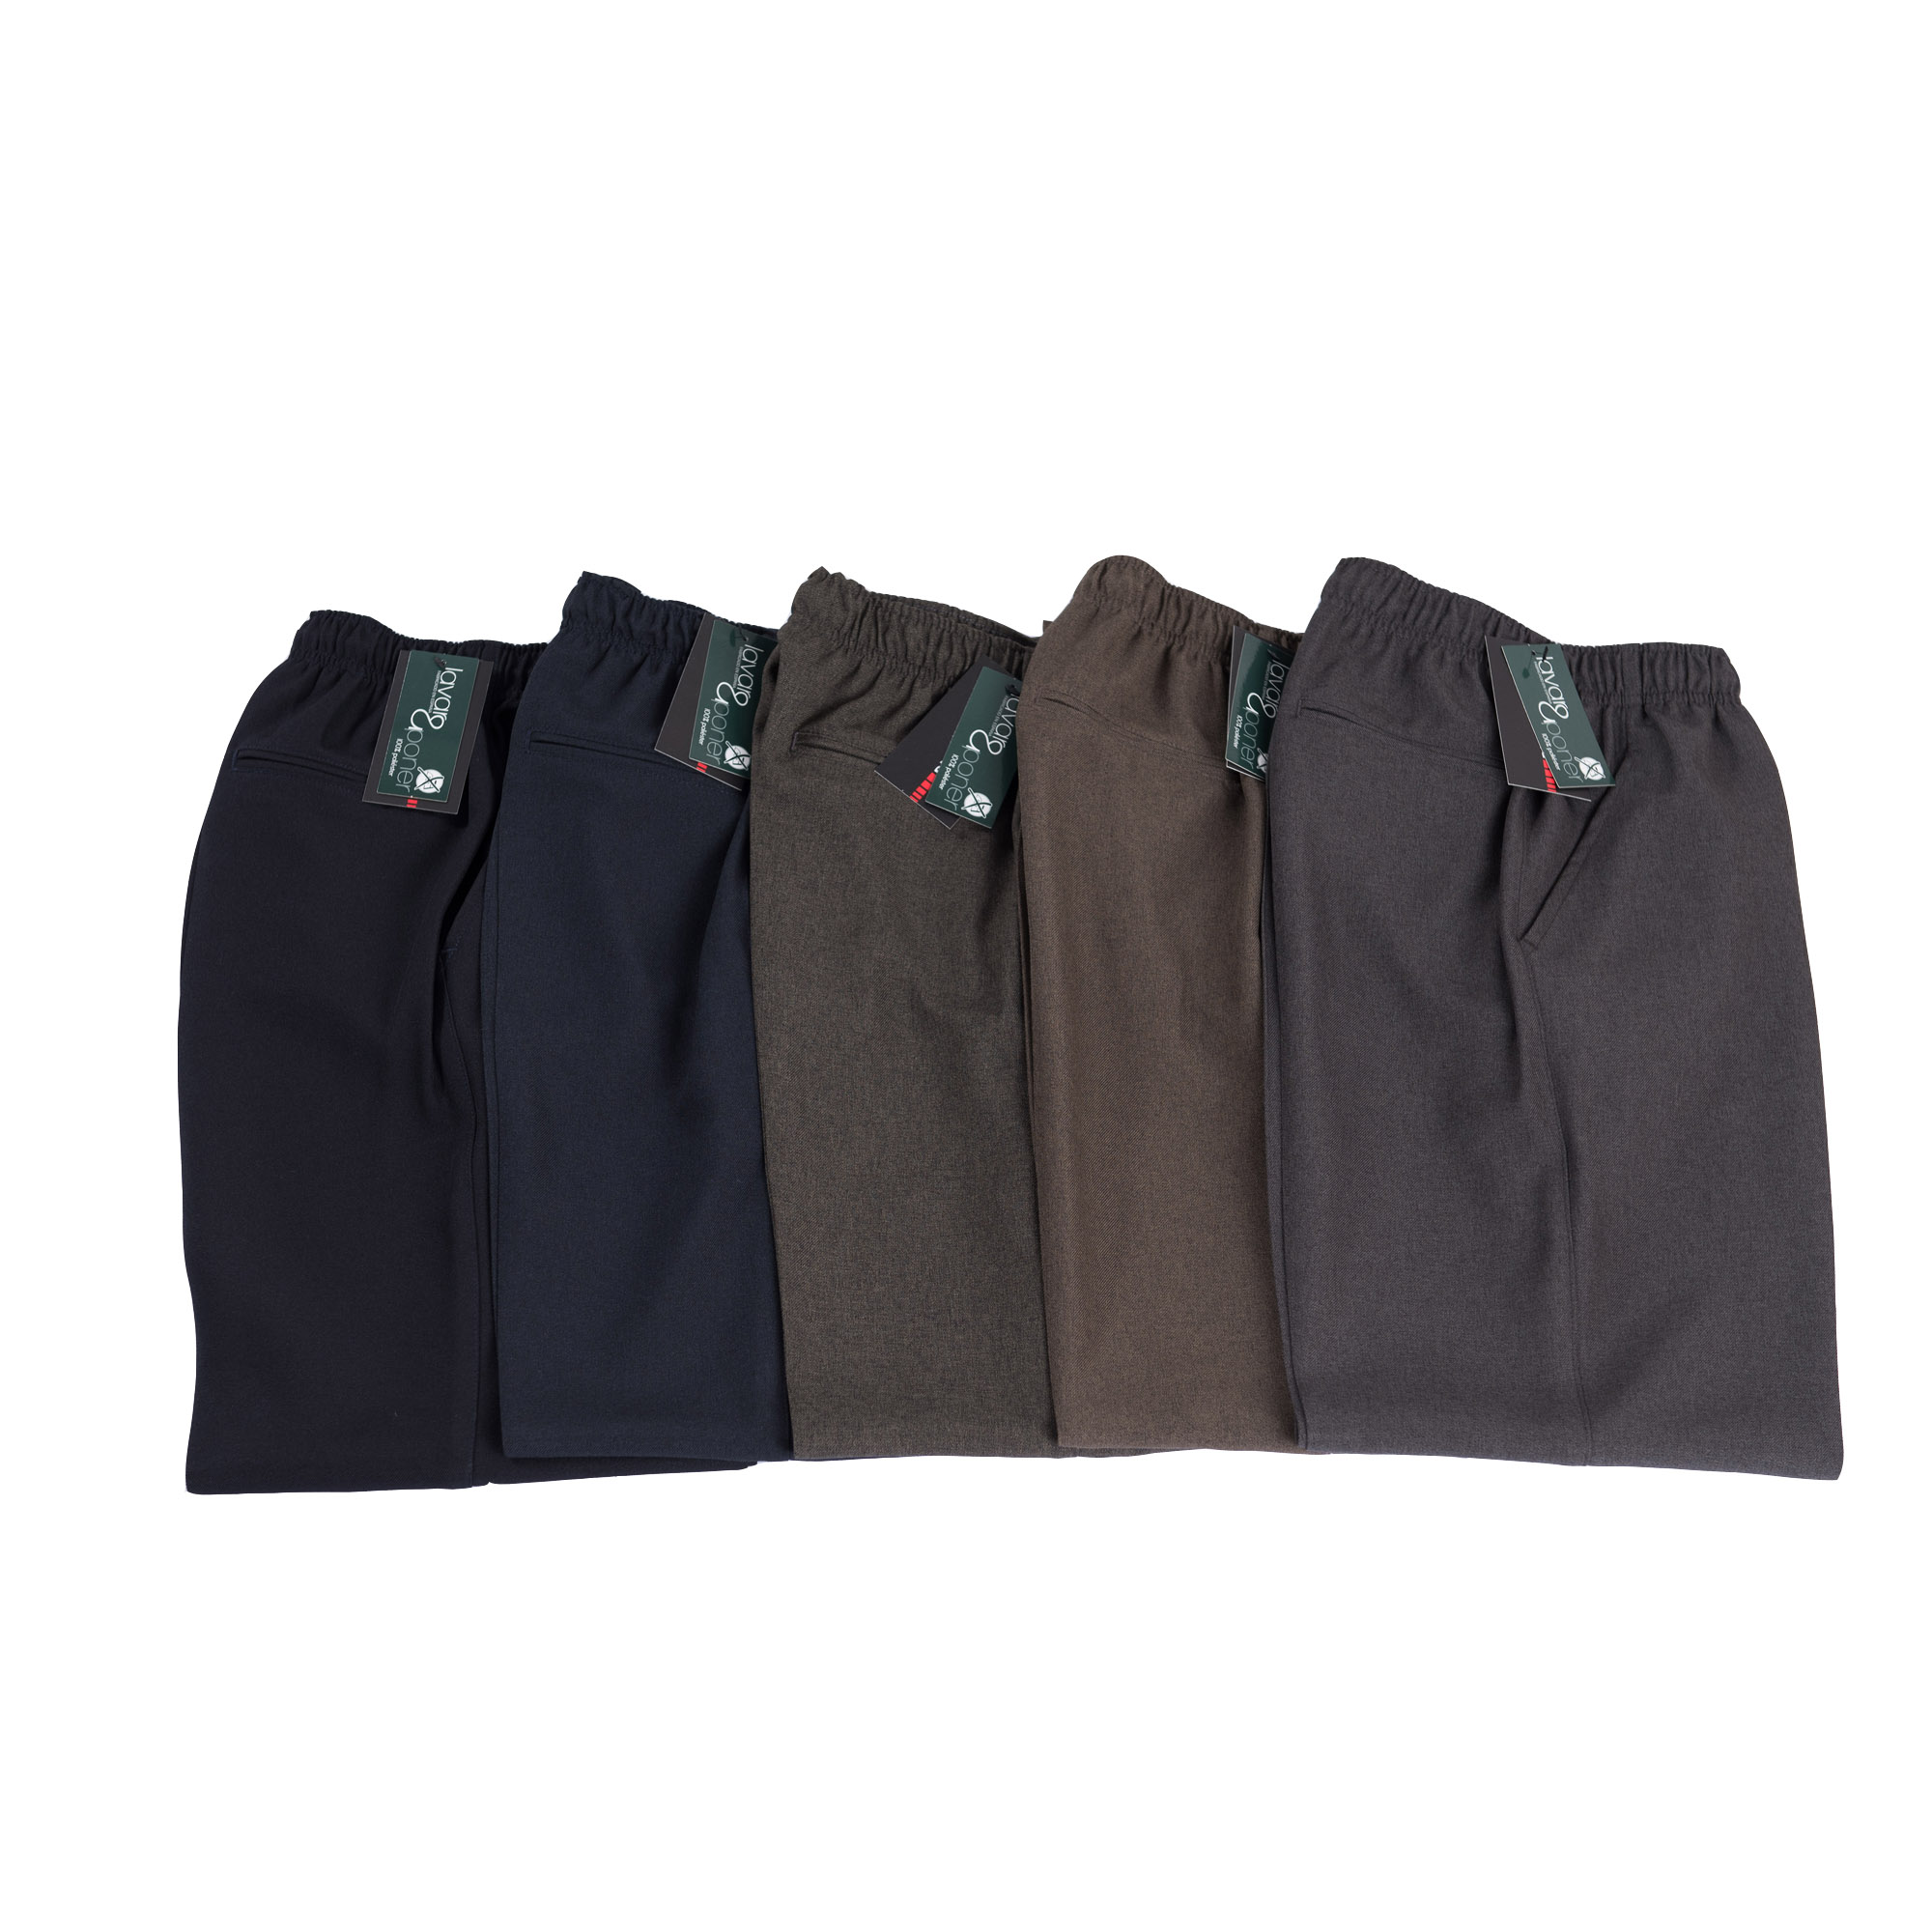 3fd14fd5d Pantalón adaptado elástico para hombre - Pantalón especial geriátrico.